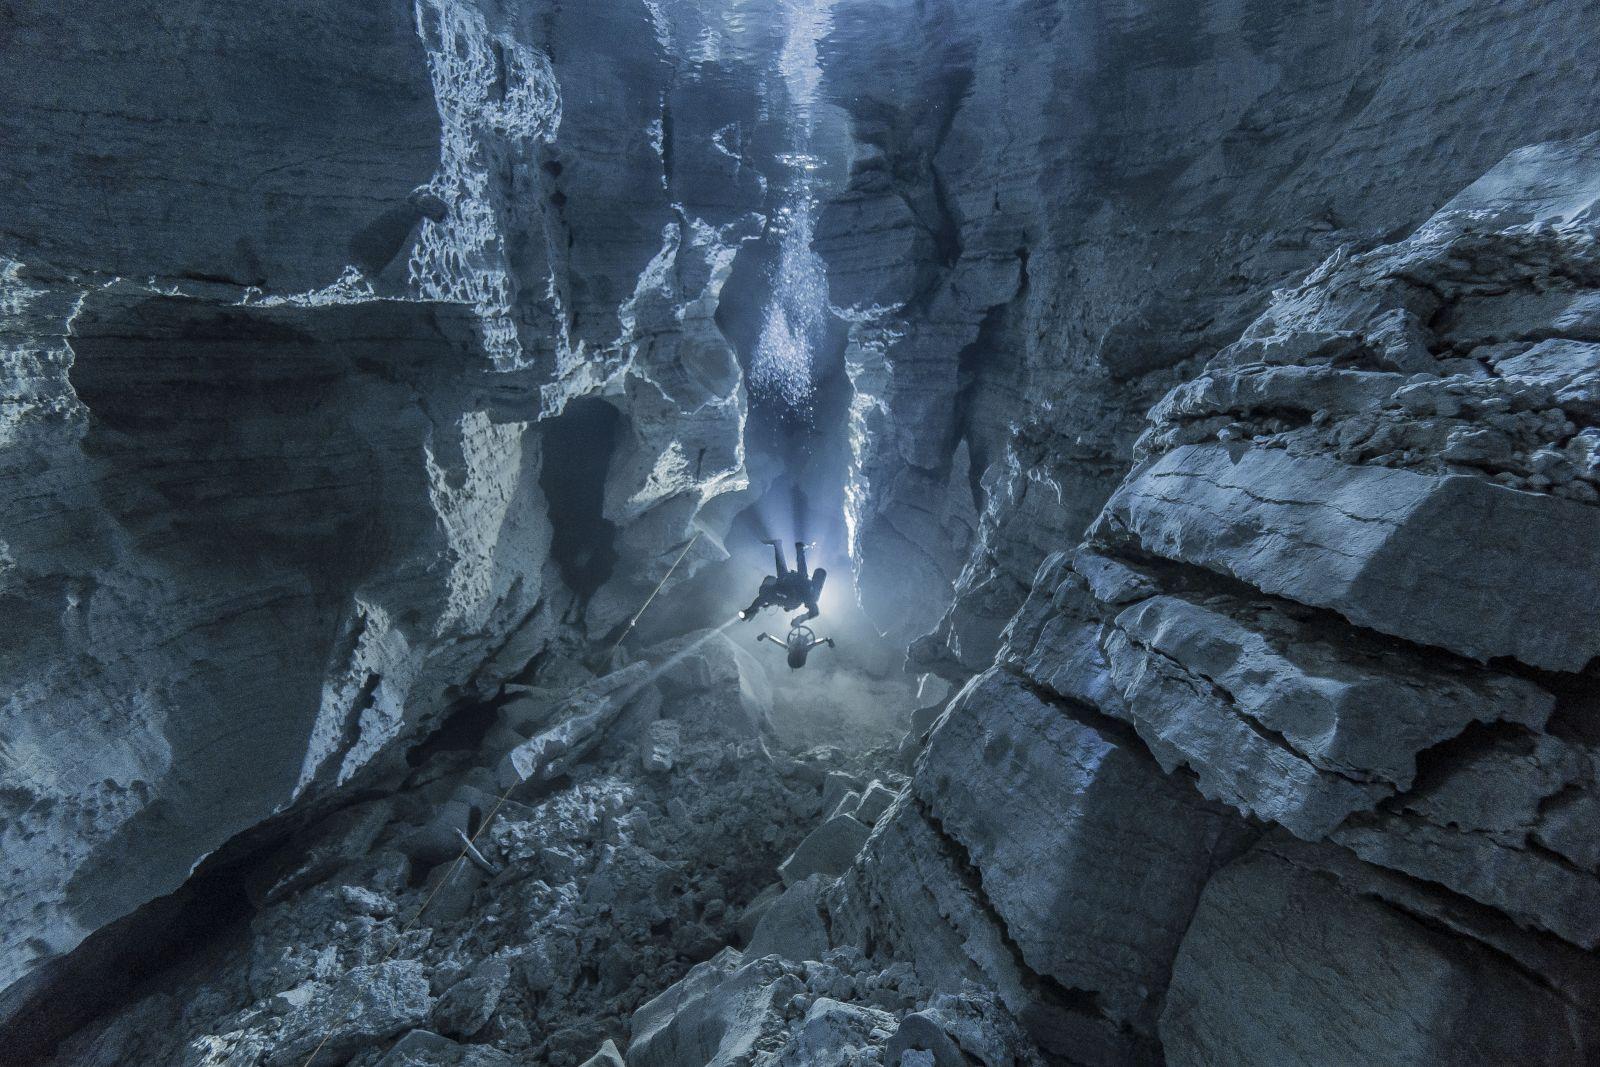 Ординская пещера, © Андрей Горбунов, Место съемки: Ординская пещера, Майская галерея, Номинация «Пещеры», Фотоконкурс «Самая красивая страна»